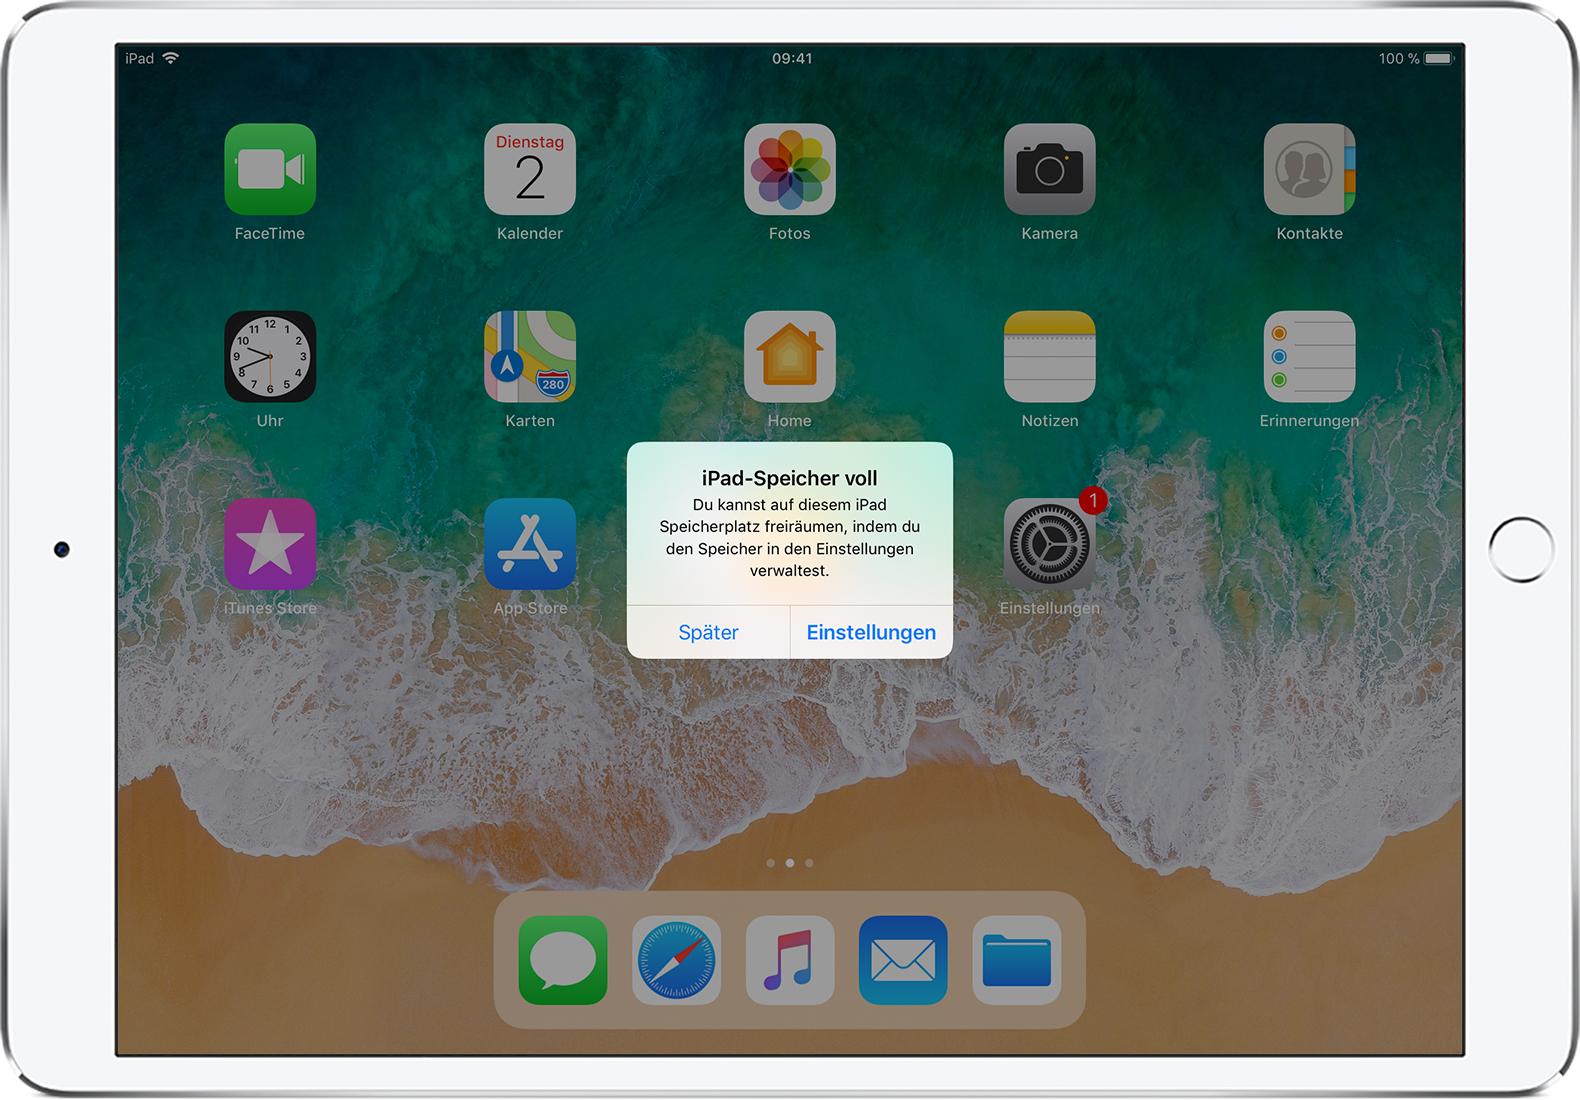 Apple apps verwalten